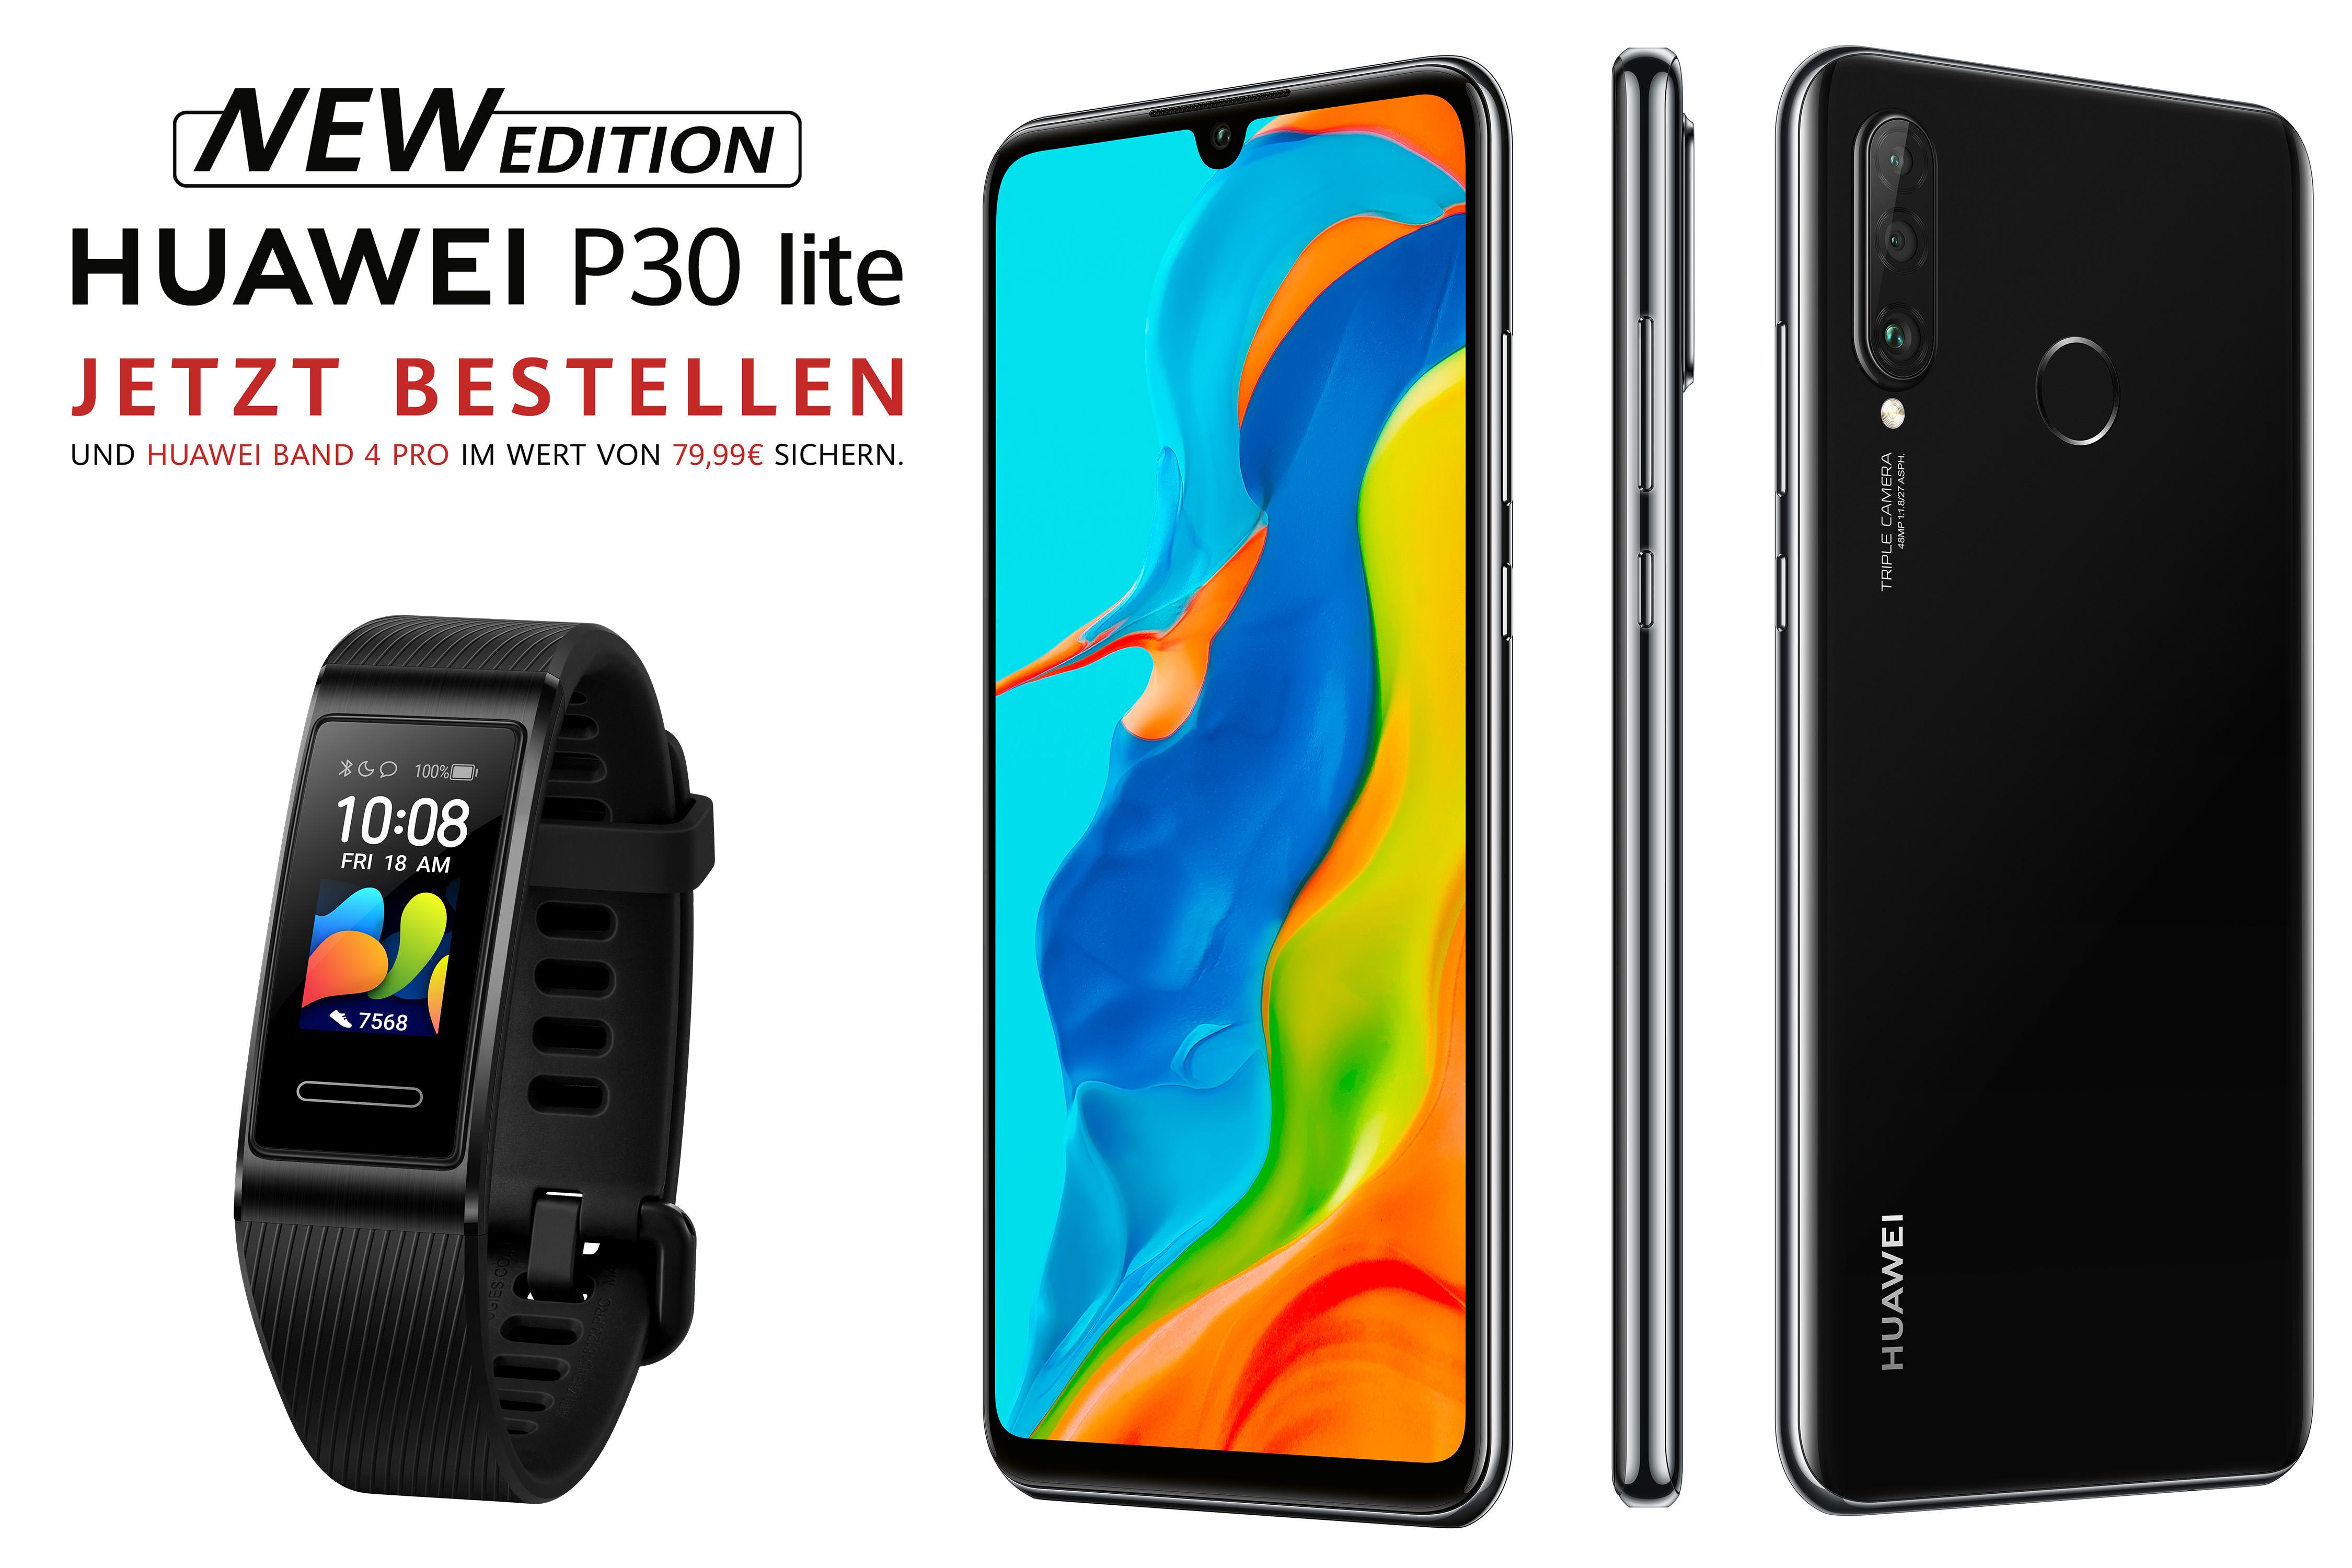 Blau Allnet + 5GB LTE Telefonica Netz + Huawei P30Lite NEW EDITION 256GB + Huawei Band4 Pro 17,99€/M / alternativ mit Huawei Nova5T 15,99€/M